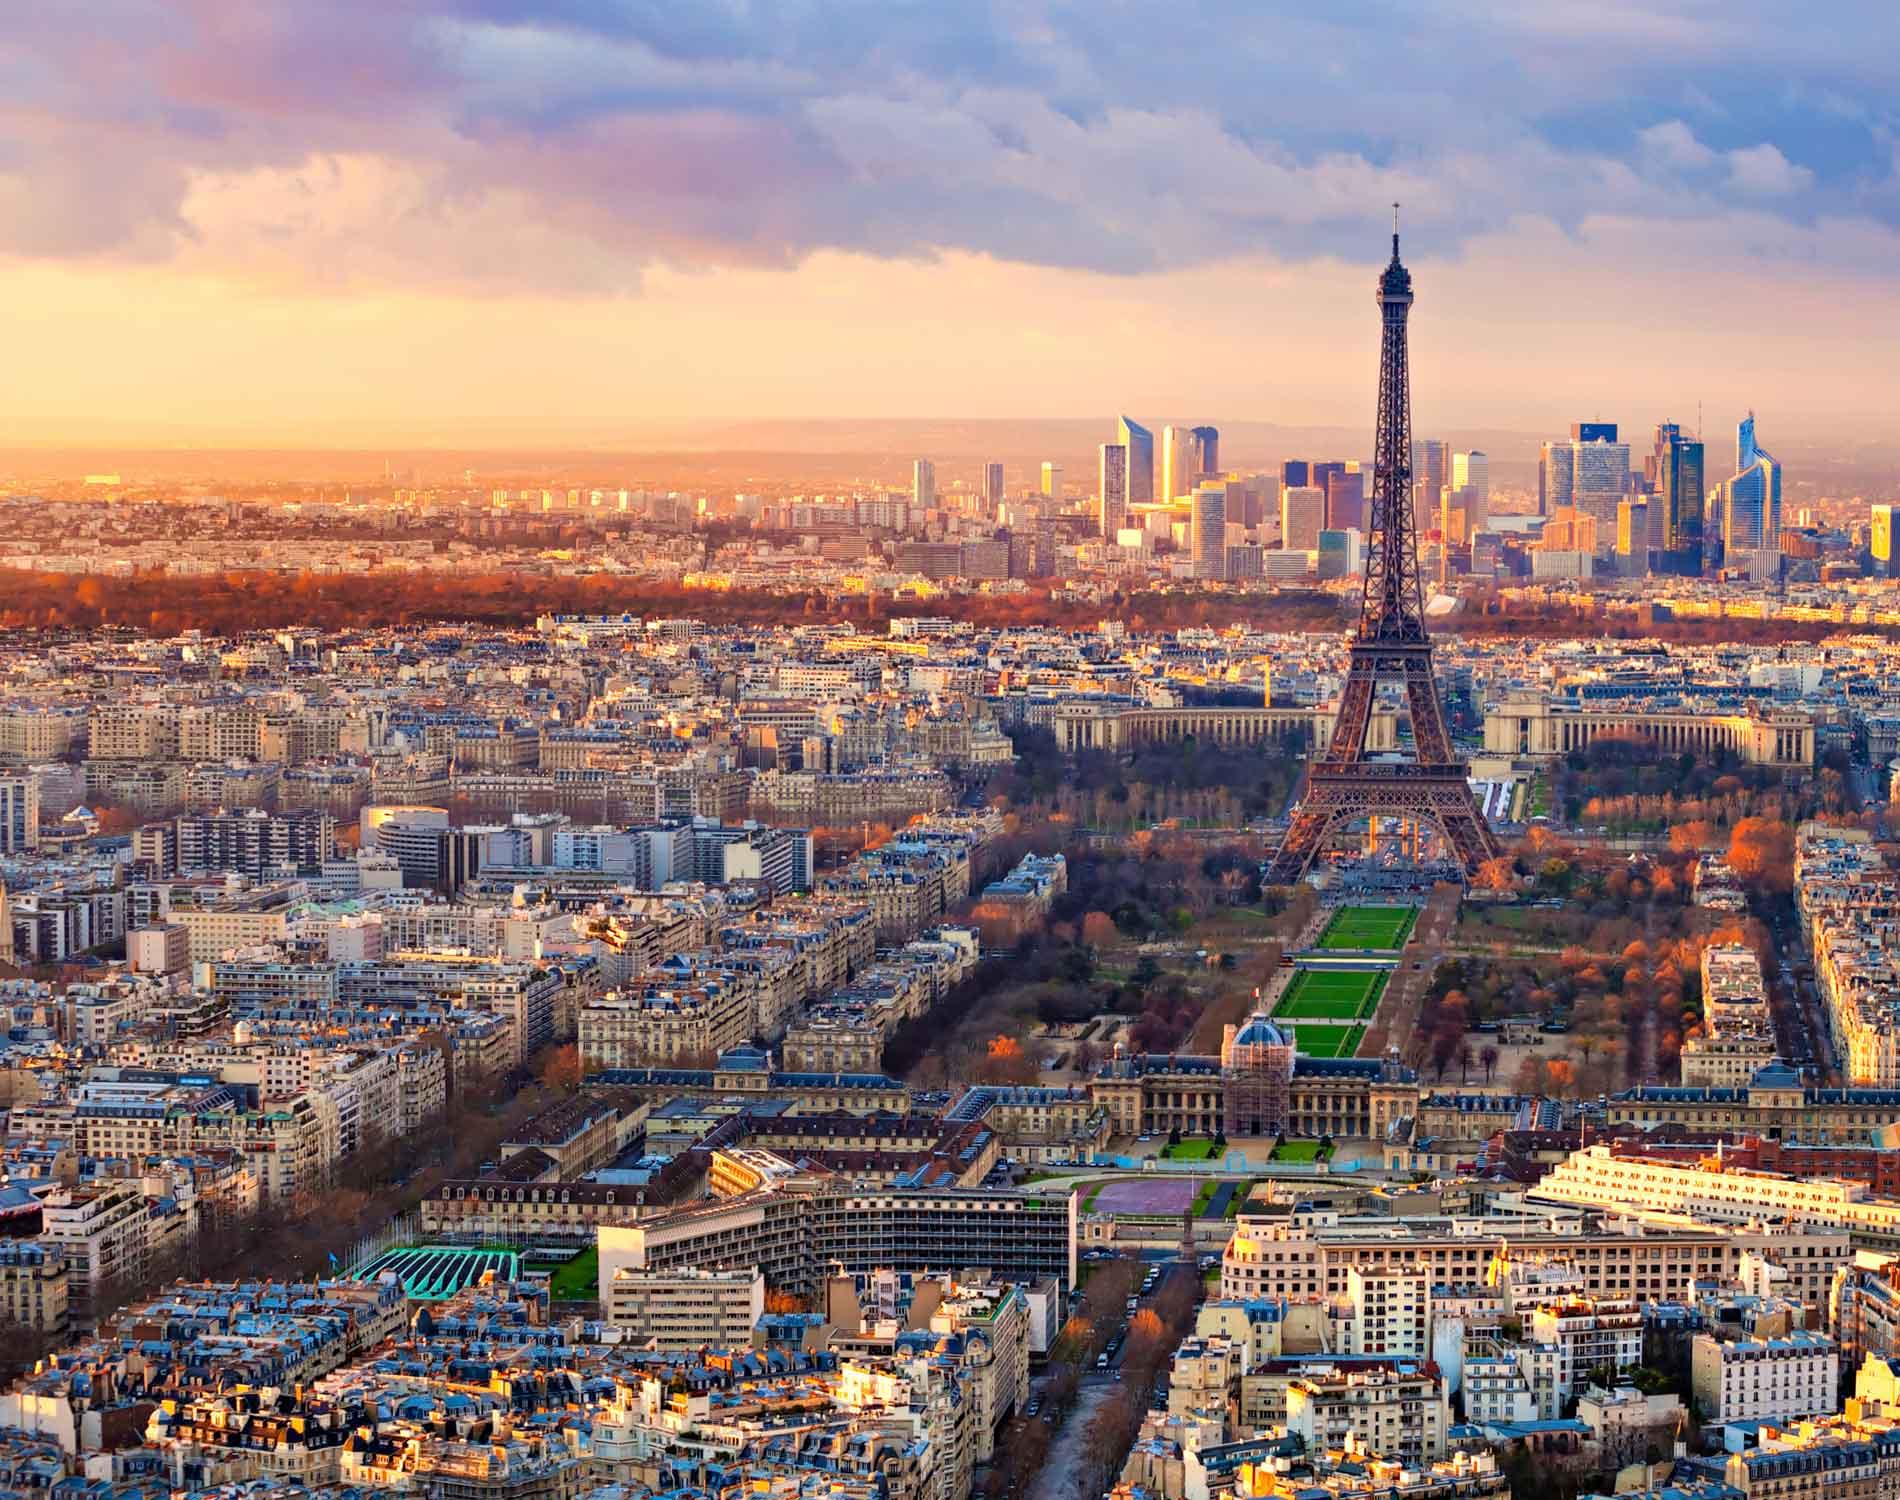 Appart hôtel Paris : comment bien choisir ?